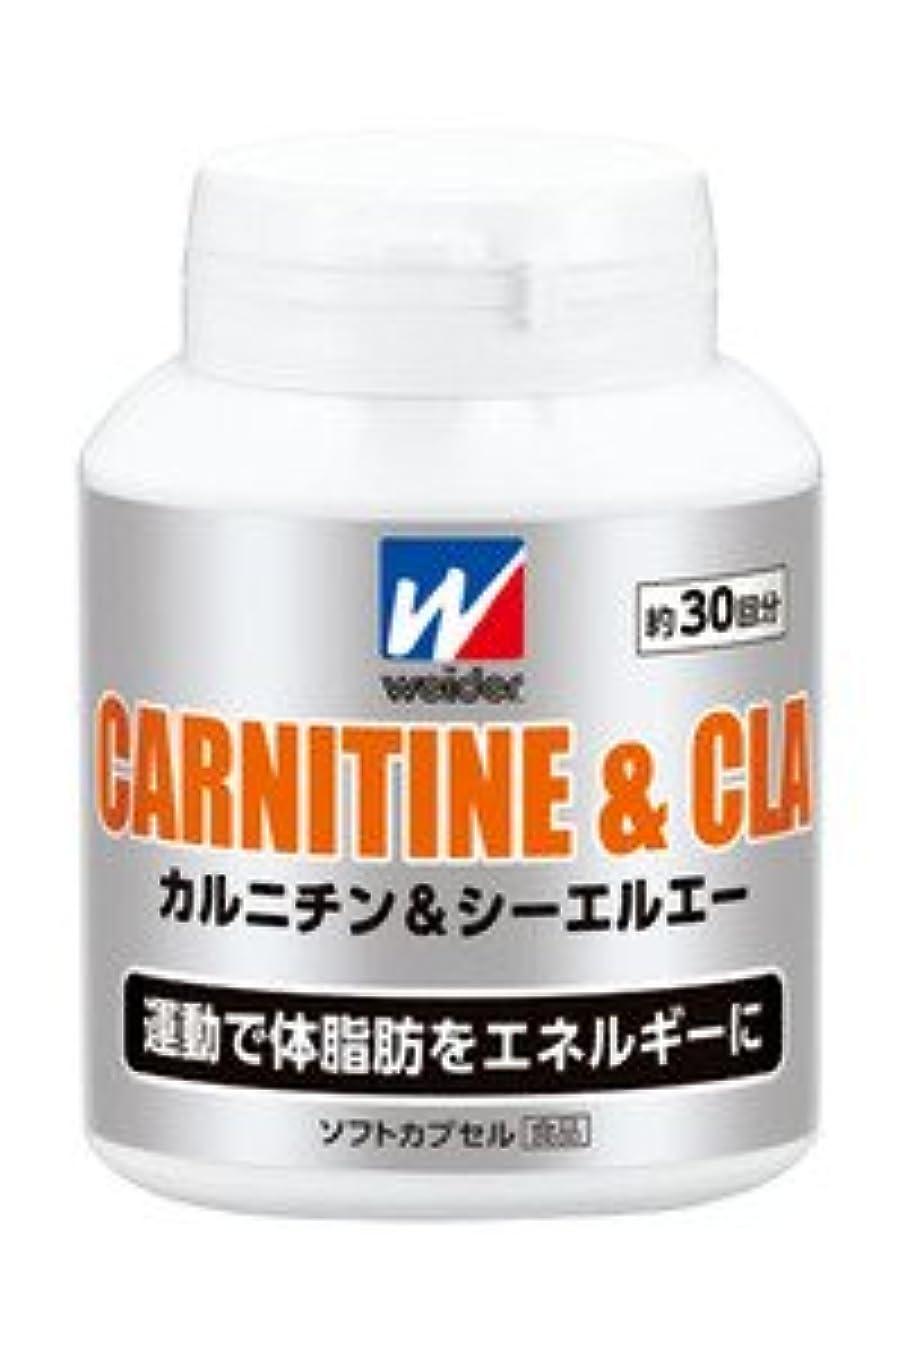 じゃない品一回【ウイダー (WEIDER)】 カルニチン&CLA 88g